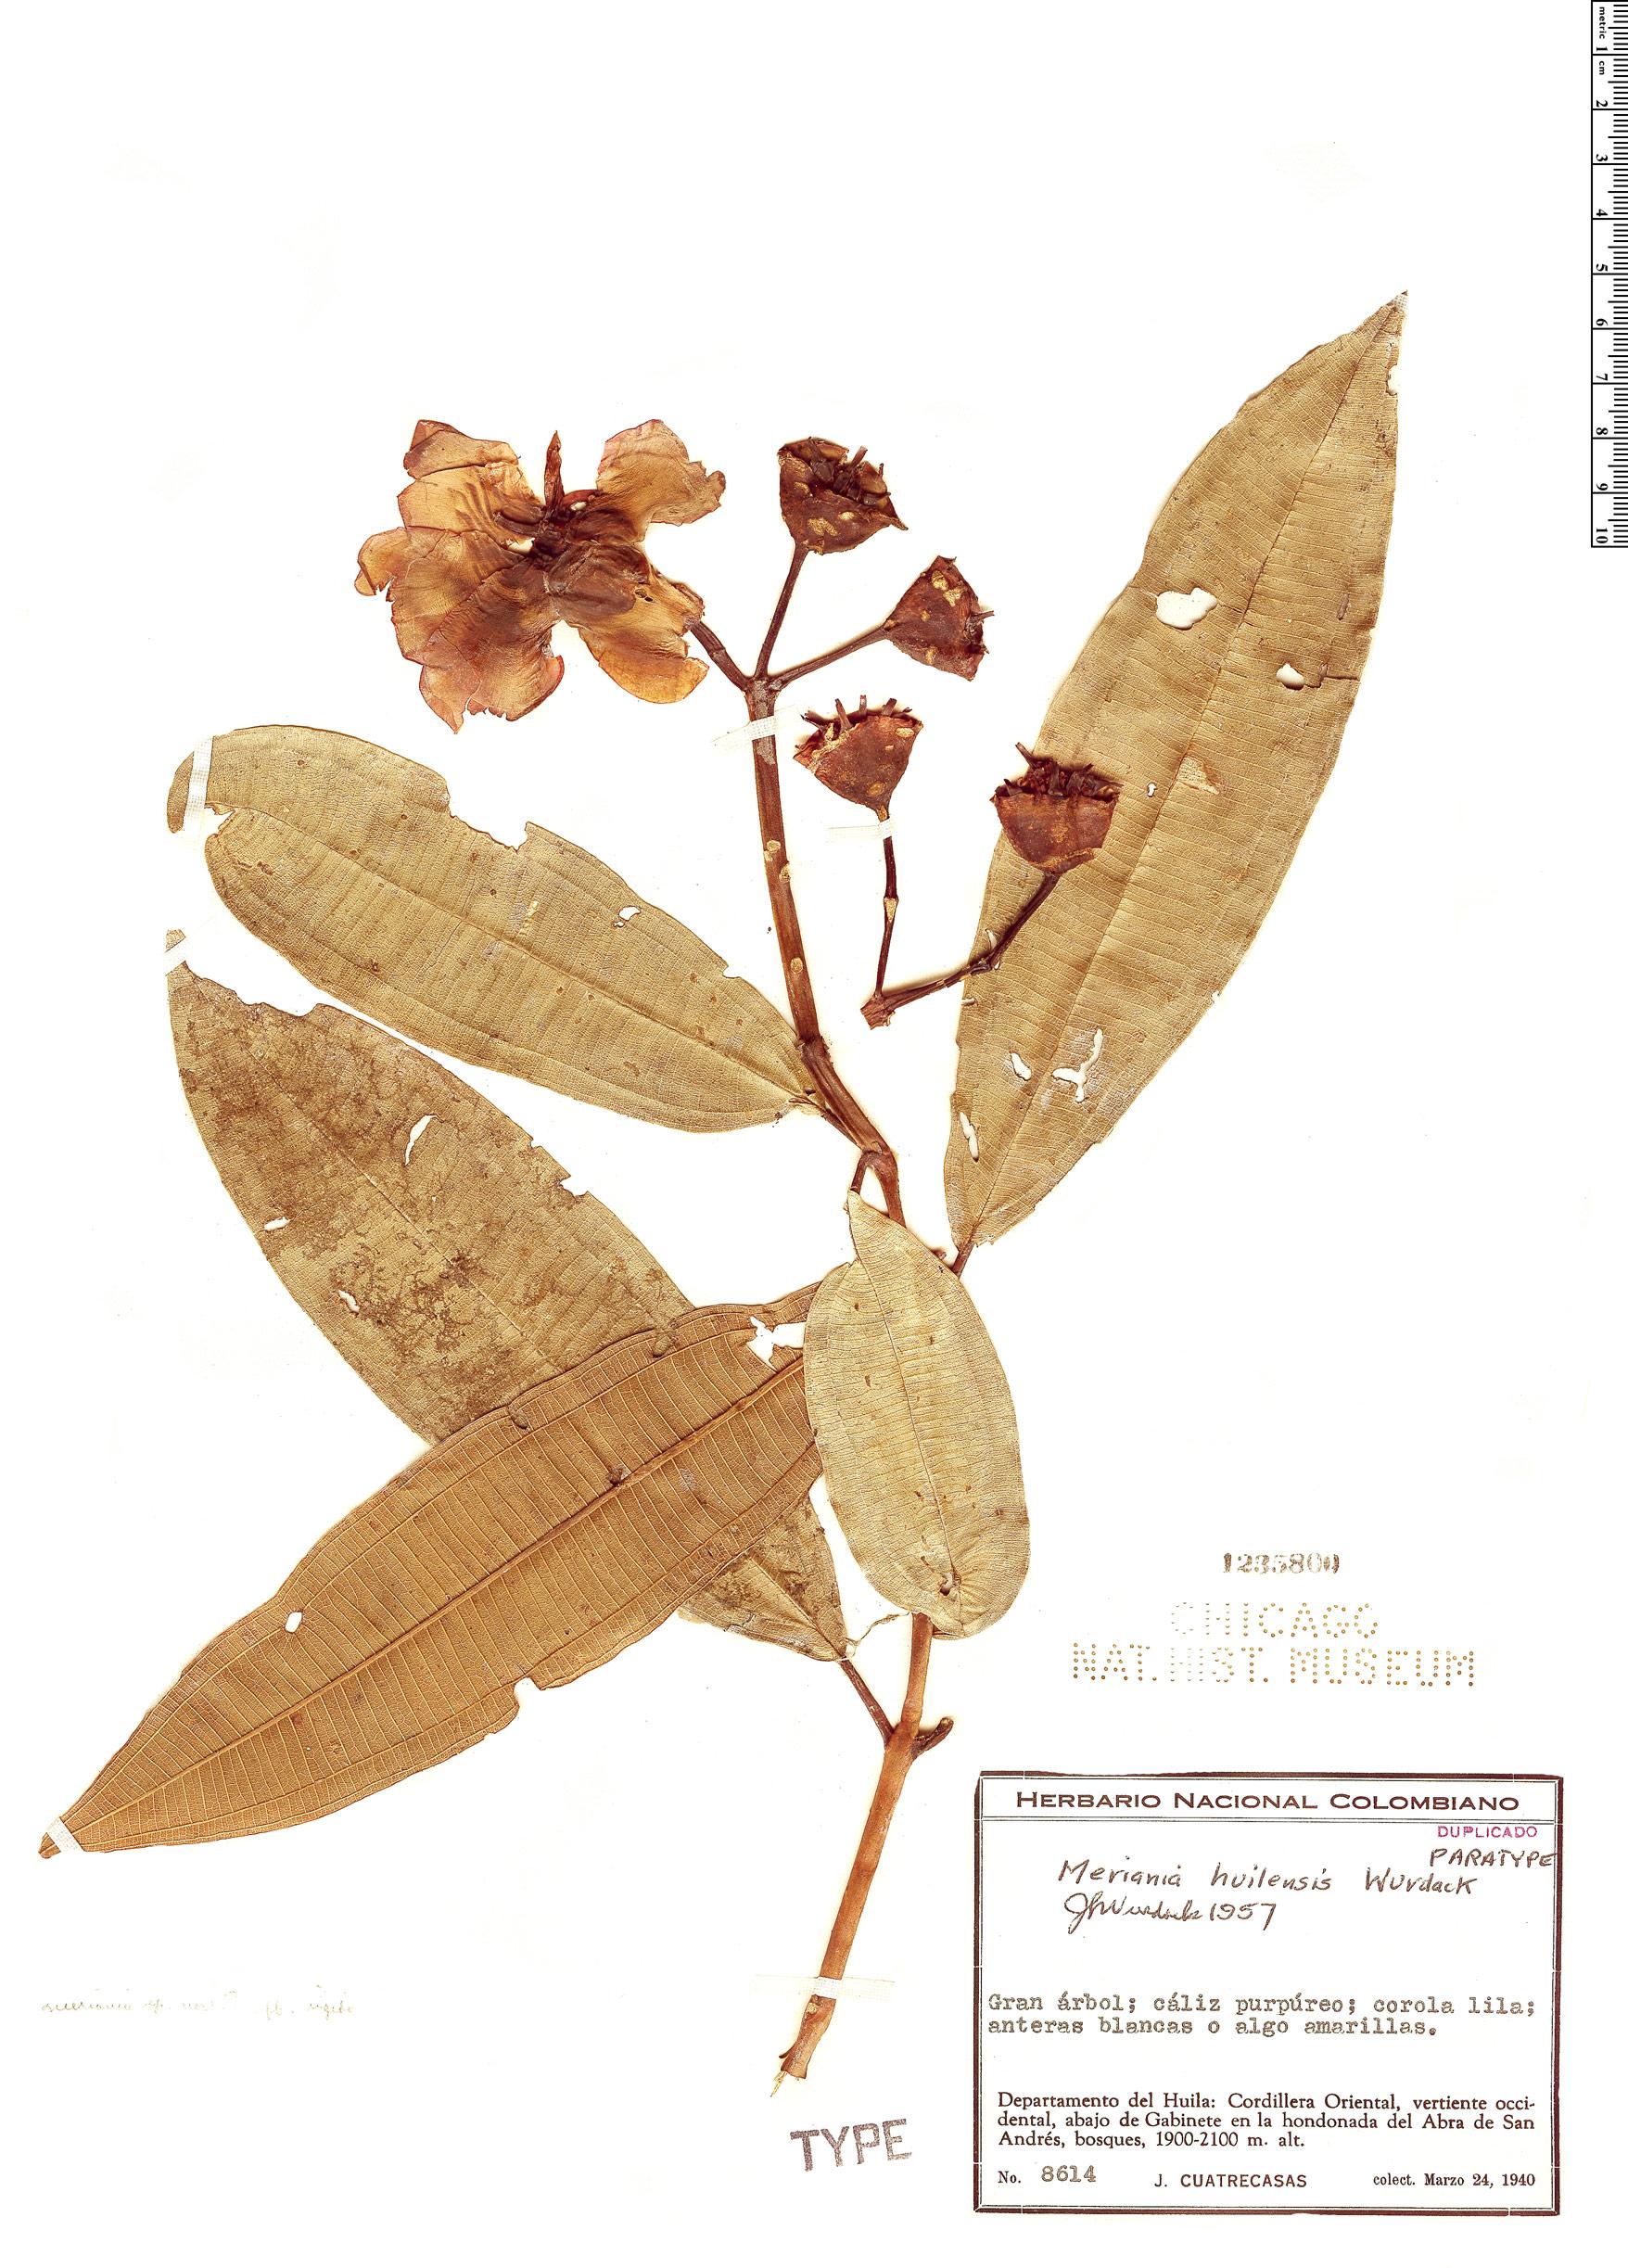 Specimen: Meriania huilensis